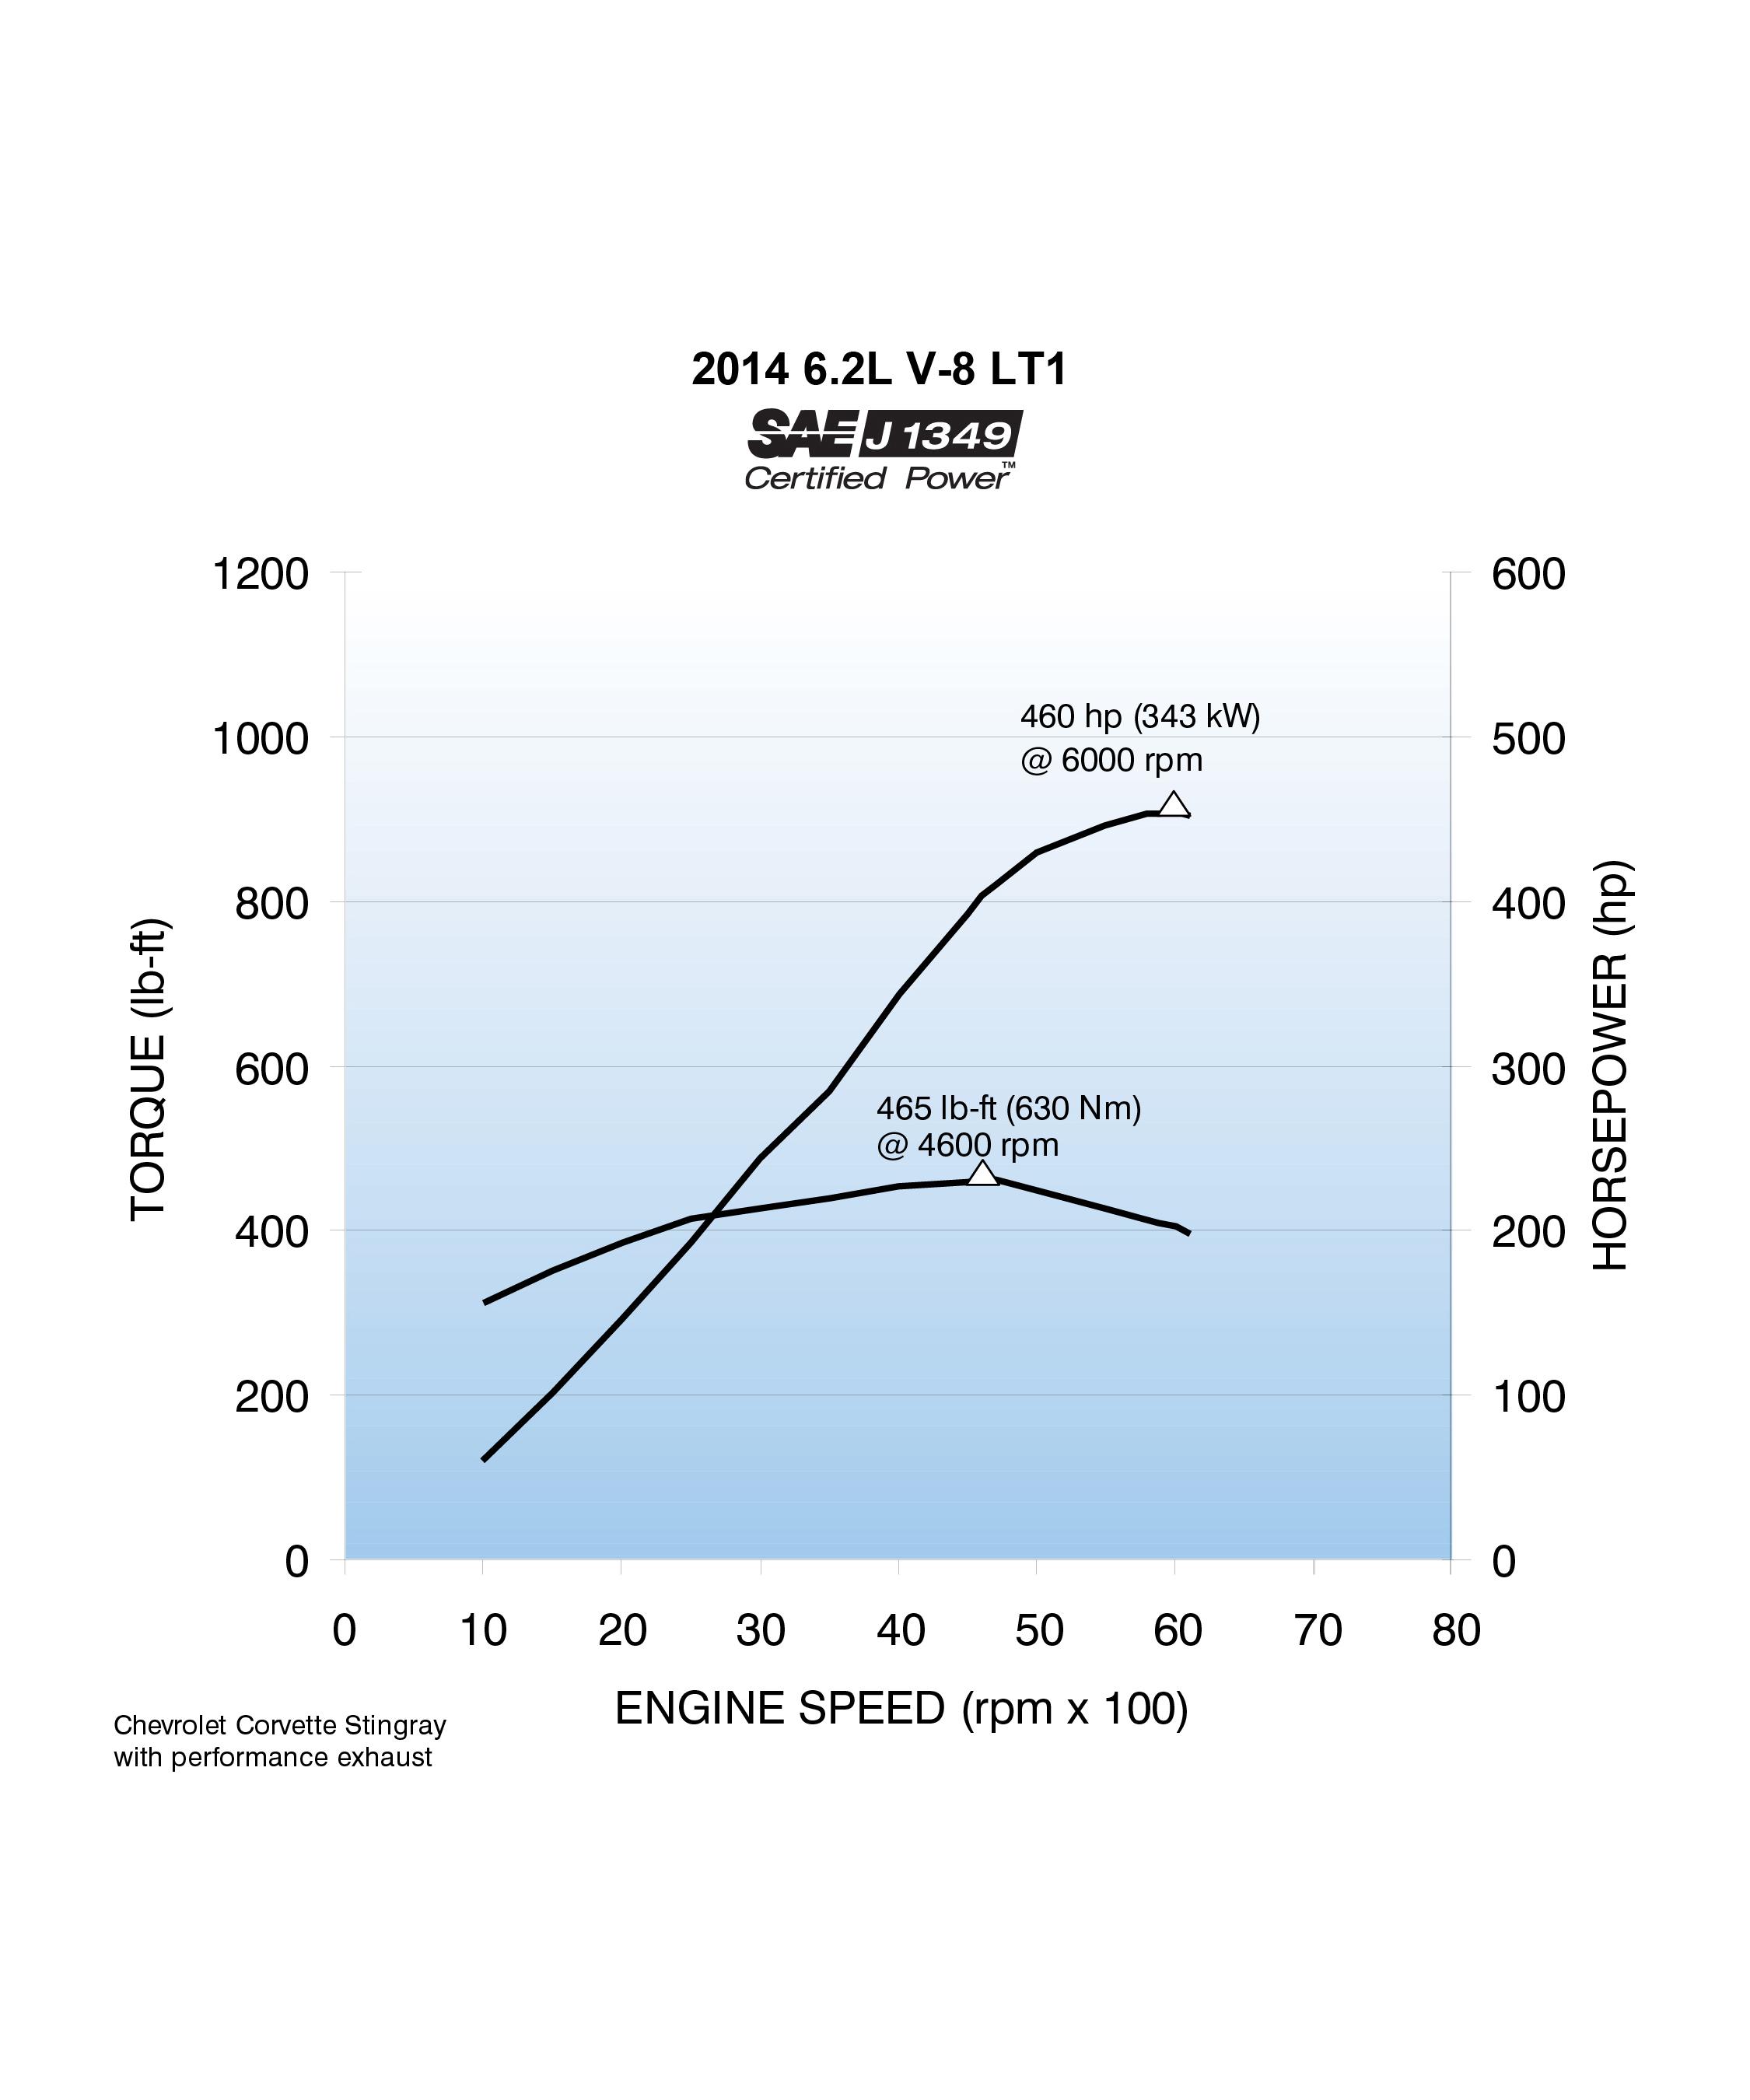 2014 Corvette Stingray Cranks Out 460 Horsepower